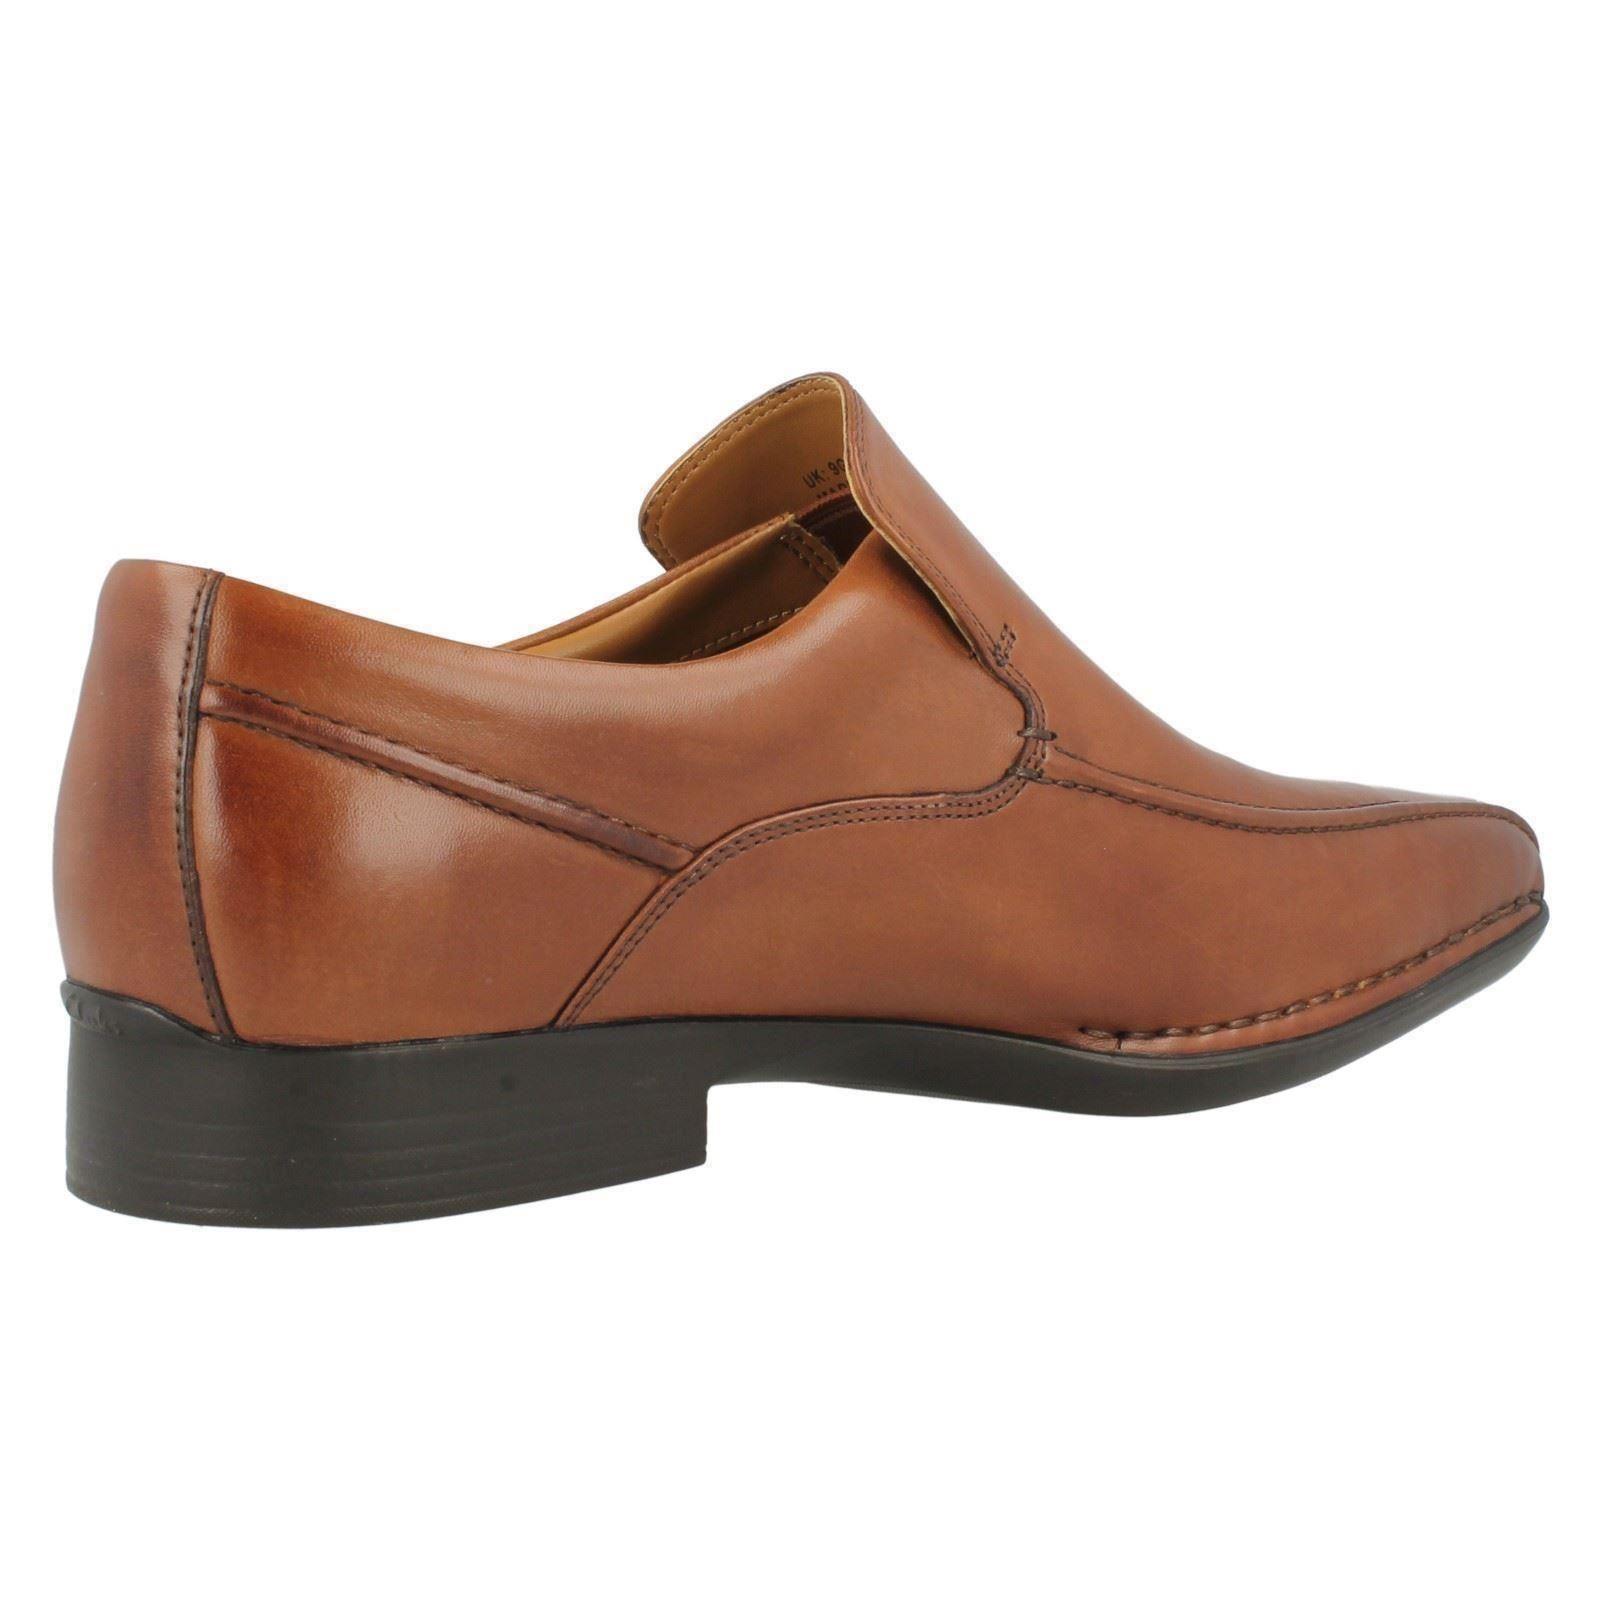 mens clarks formal slip on shoes francis flight ebay